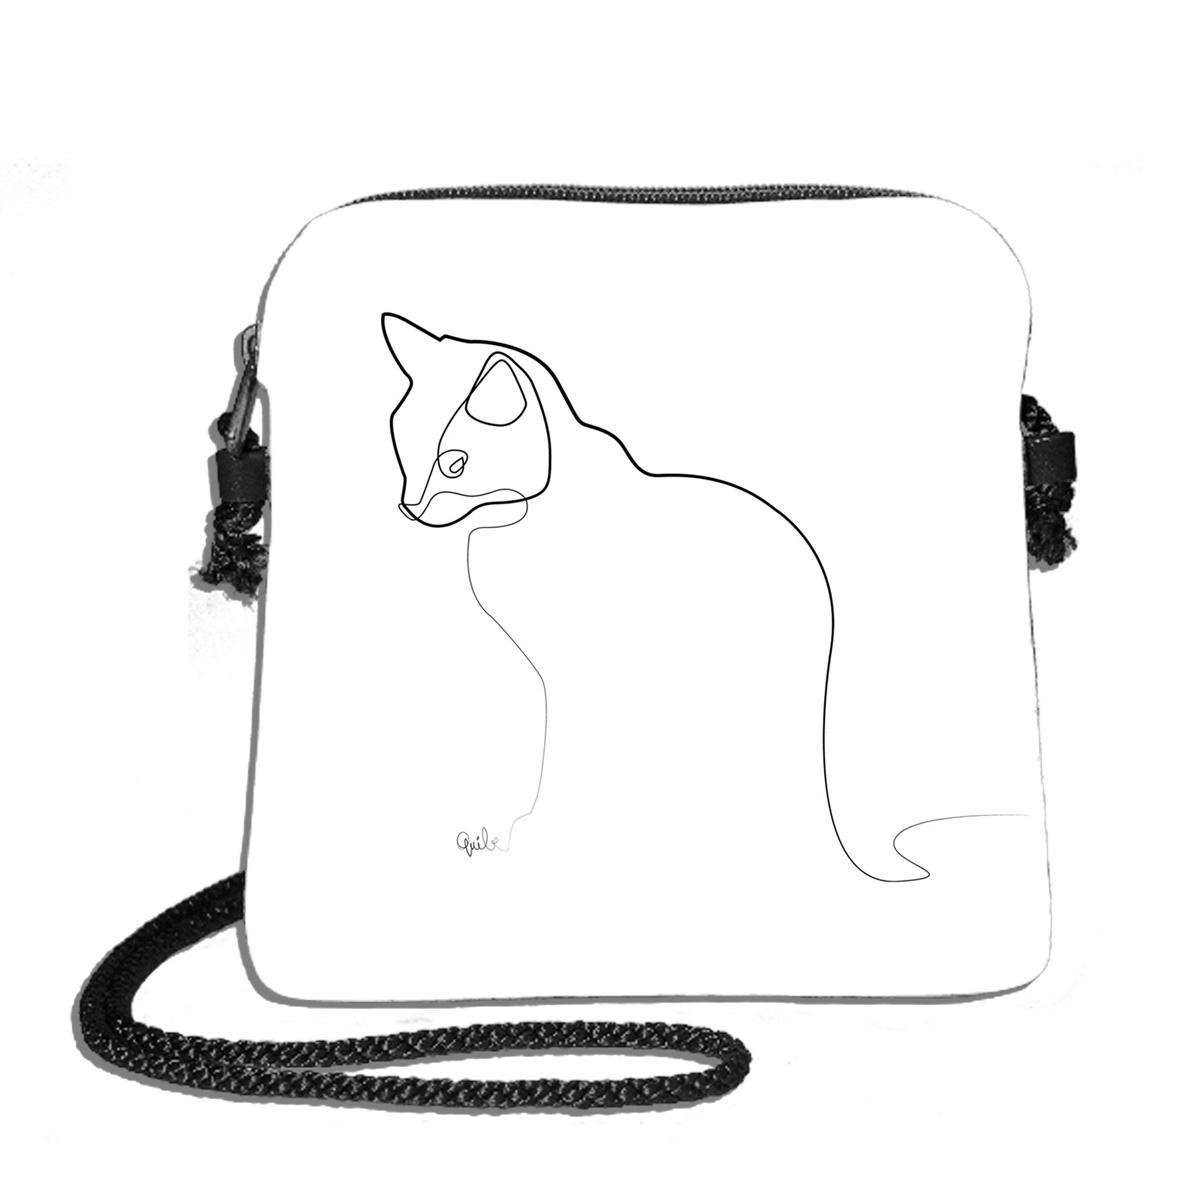 Sac bandoulière artisanal \'Quibe\' blanc noir (Chat)  - 18x17 cm - [A0334]